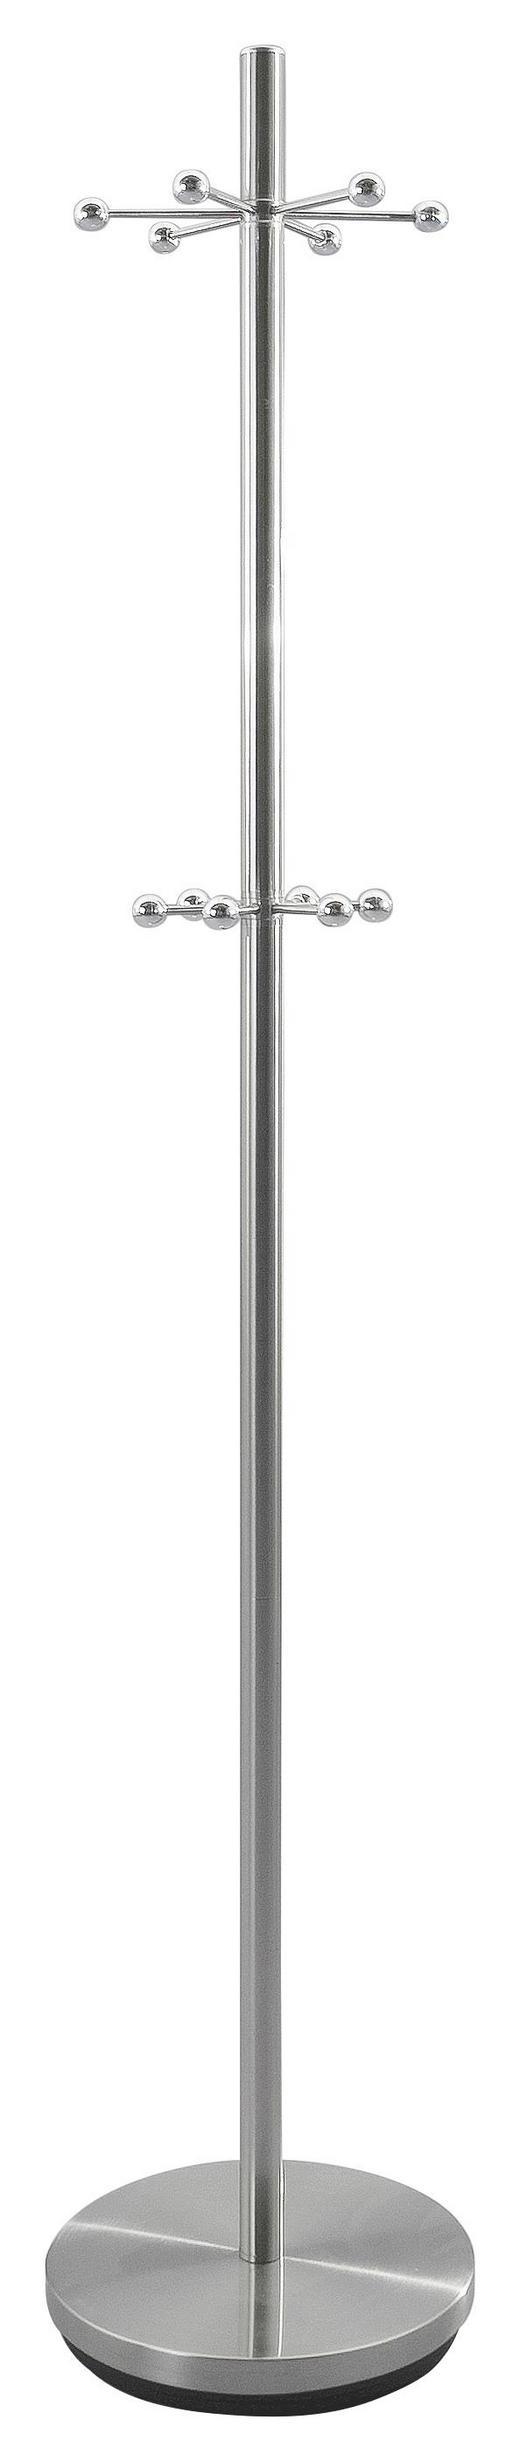 KLEIDERSTÄNDER Chromfarben, Edelstahlfarben - Chromfarben/Edelstahlfarben, Design, Kunststoff/Metall (31/172cm)